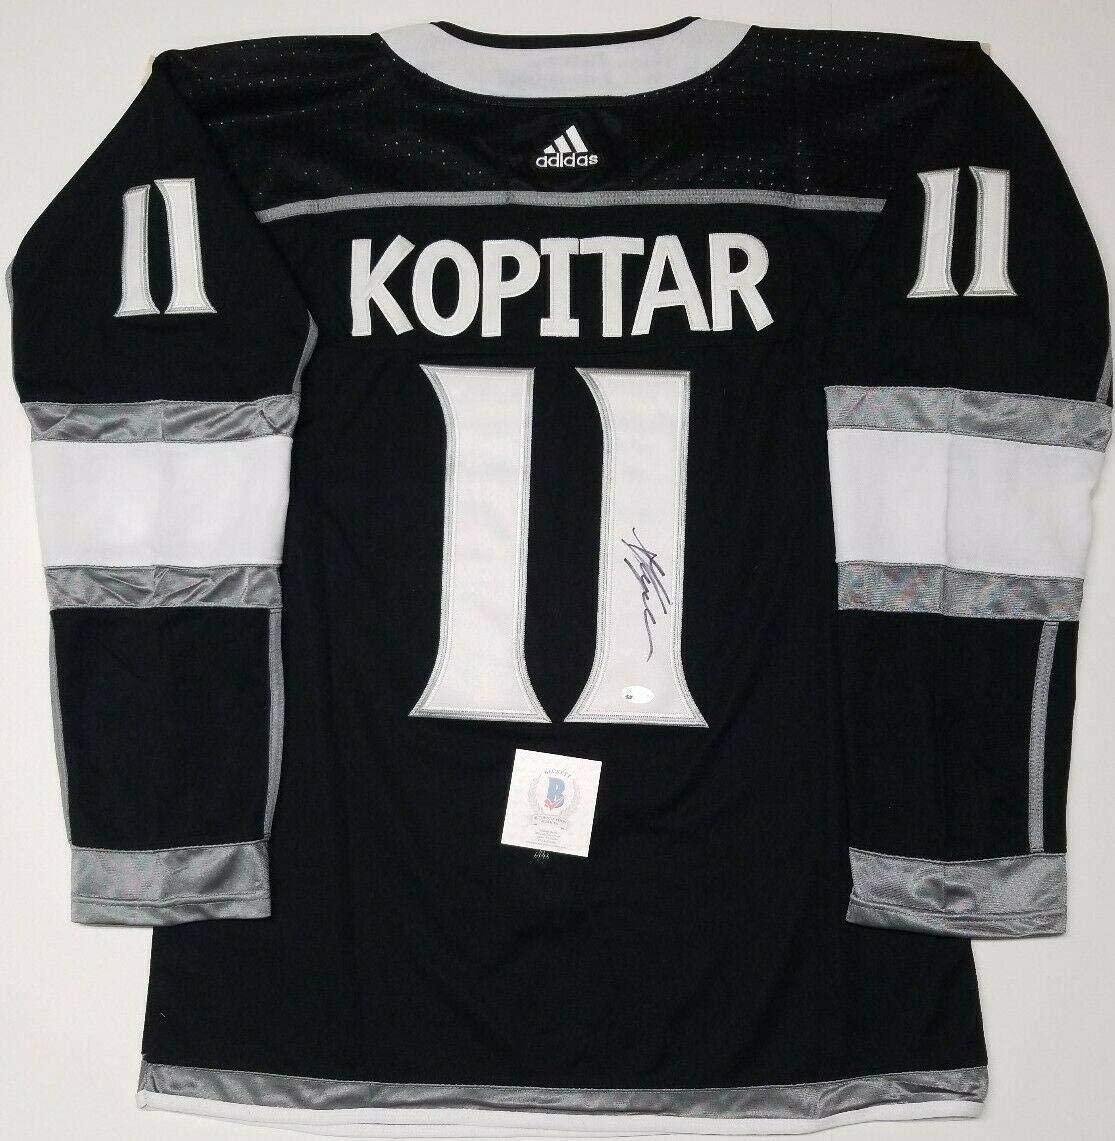 Anze Kopitar Signed Jersey - SZ 54. BECKETT - Beckett Authentication - Autographed NHL Jerseys